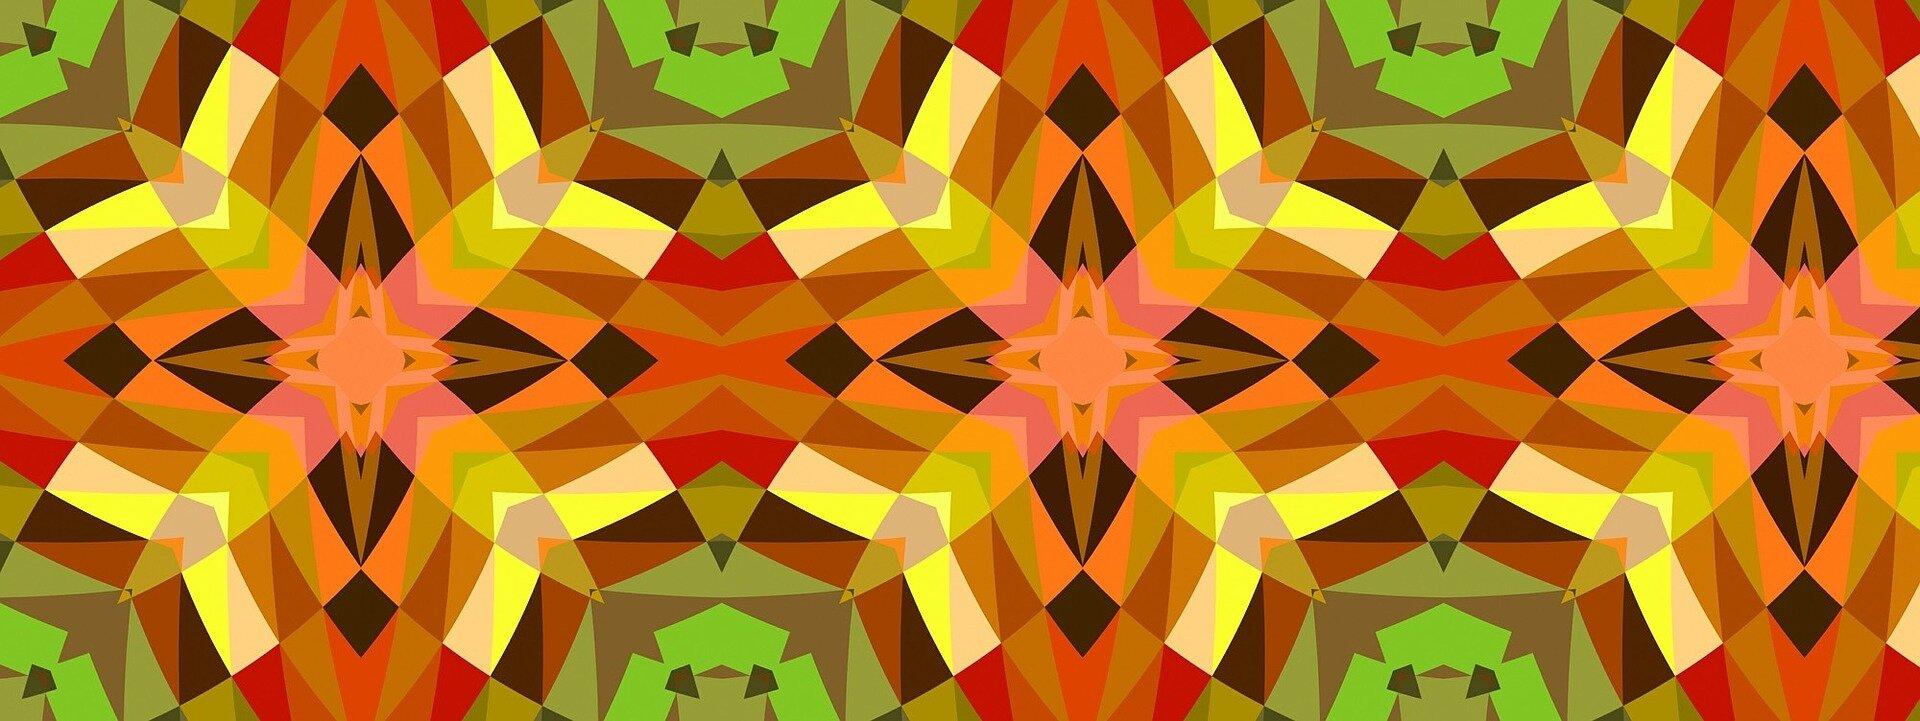 Ilustracja przedstawia kompozycję, do stworzenia której wykorzystano symetryczne, lustrzane odbicia na wzór obrazu kalejdoskopowego. Praca składa się zdrobnych, wielobarwnych trójkątów układających się wwiększe symetryczne kształty. Wszystkie elementy kompozycji powtarzają się tworząc równomierny, symetryczny deseń na podłużnej, horyzontalnej płaszczyźnie obrazu. Praca utrzymana jest wszerokiej, ciepłej, gamie barw: począwszy od nasyconych zieleni iciemnych brązów poprzez stonowane róże ibeże aż po gorące czerwienie, oranże iżółcie.